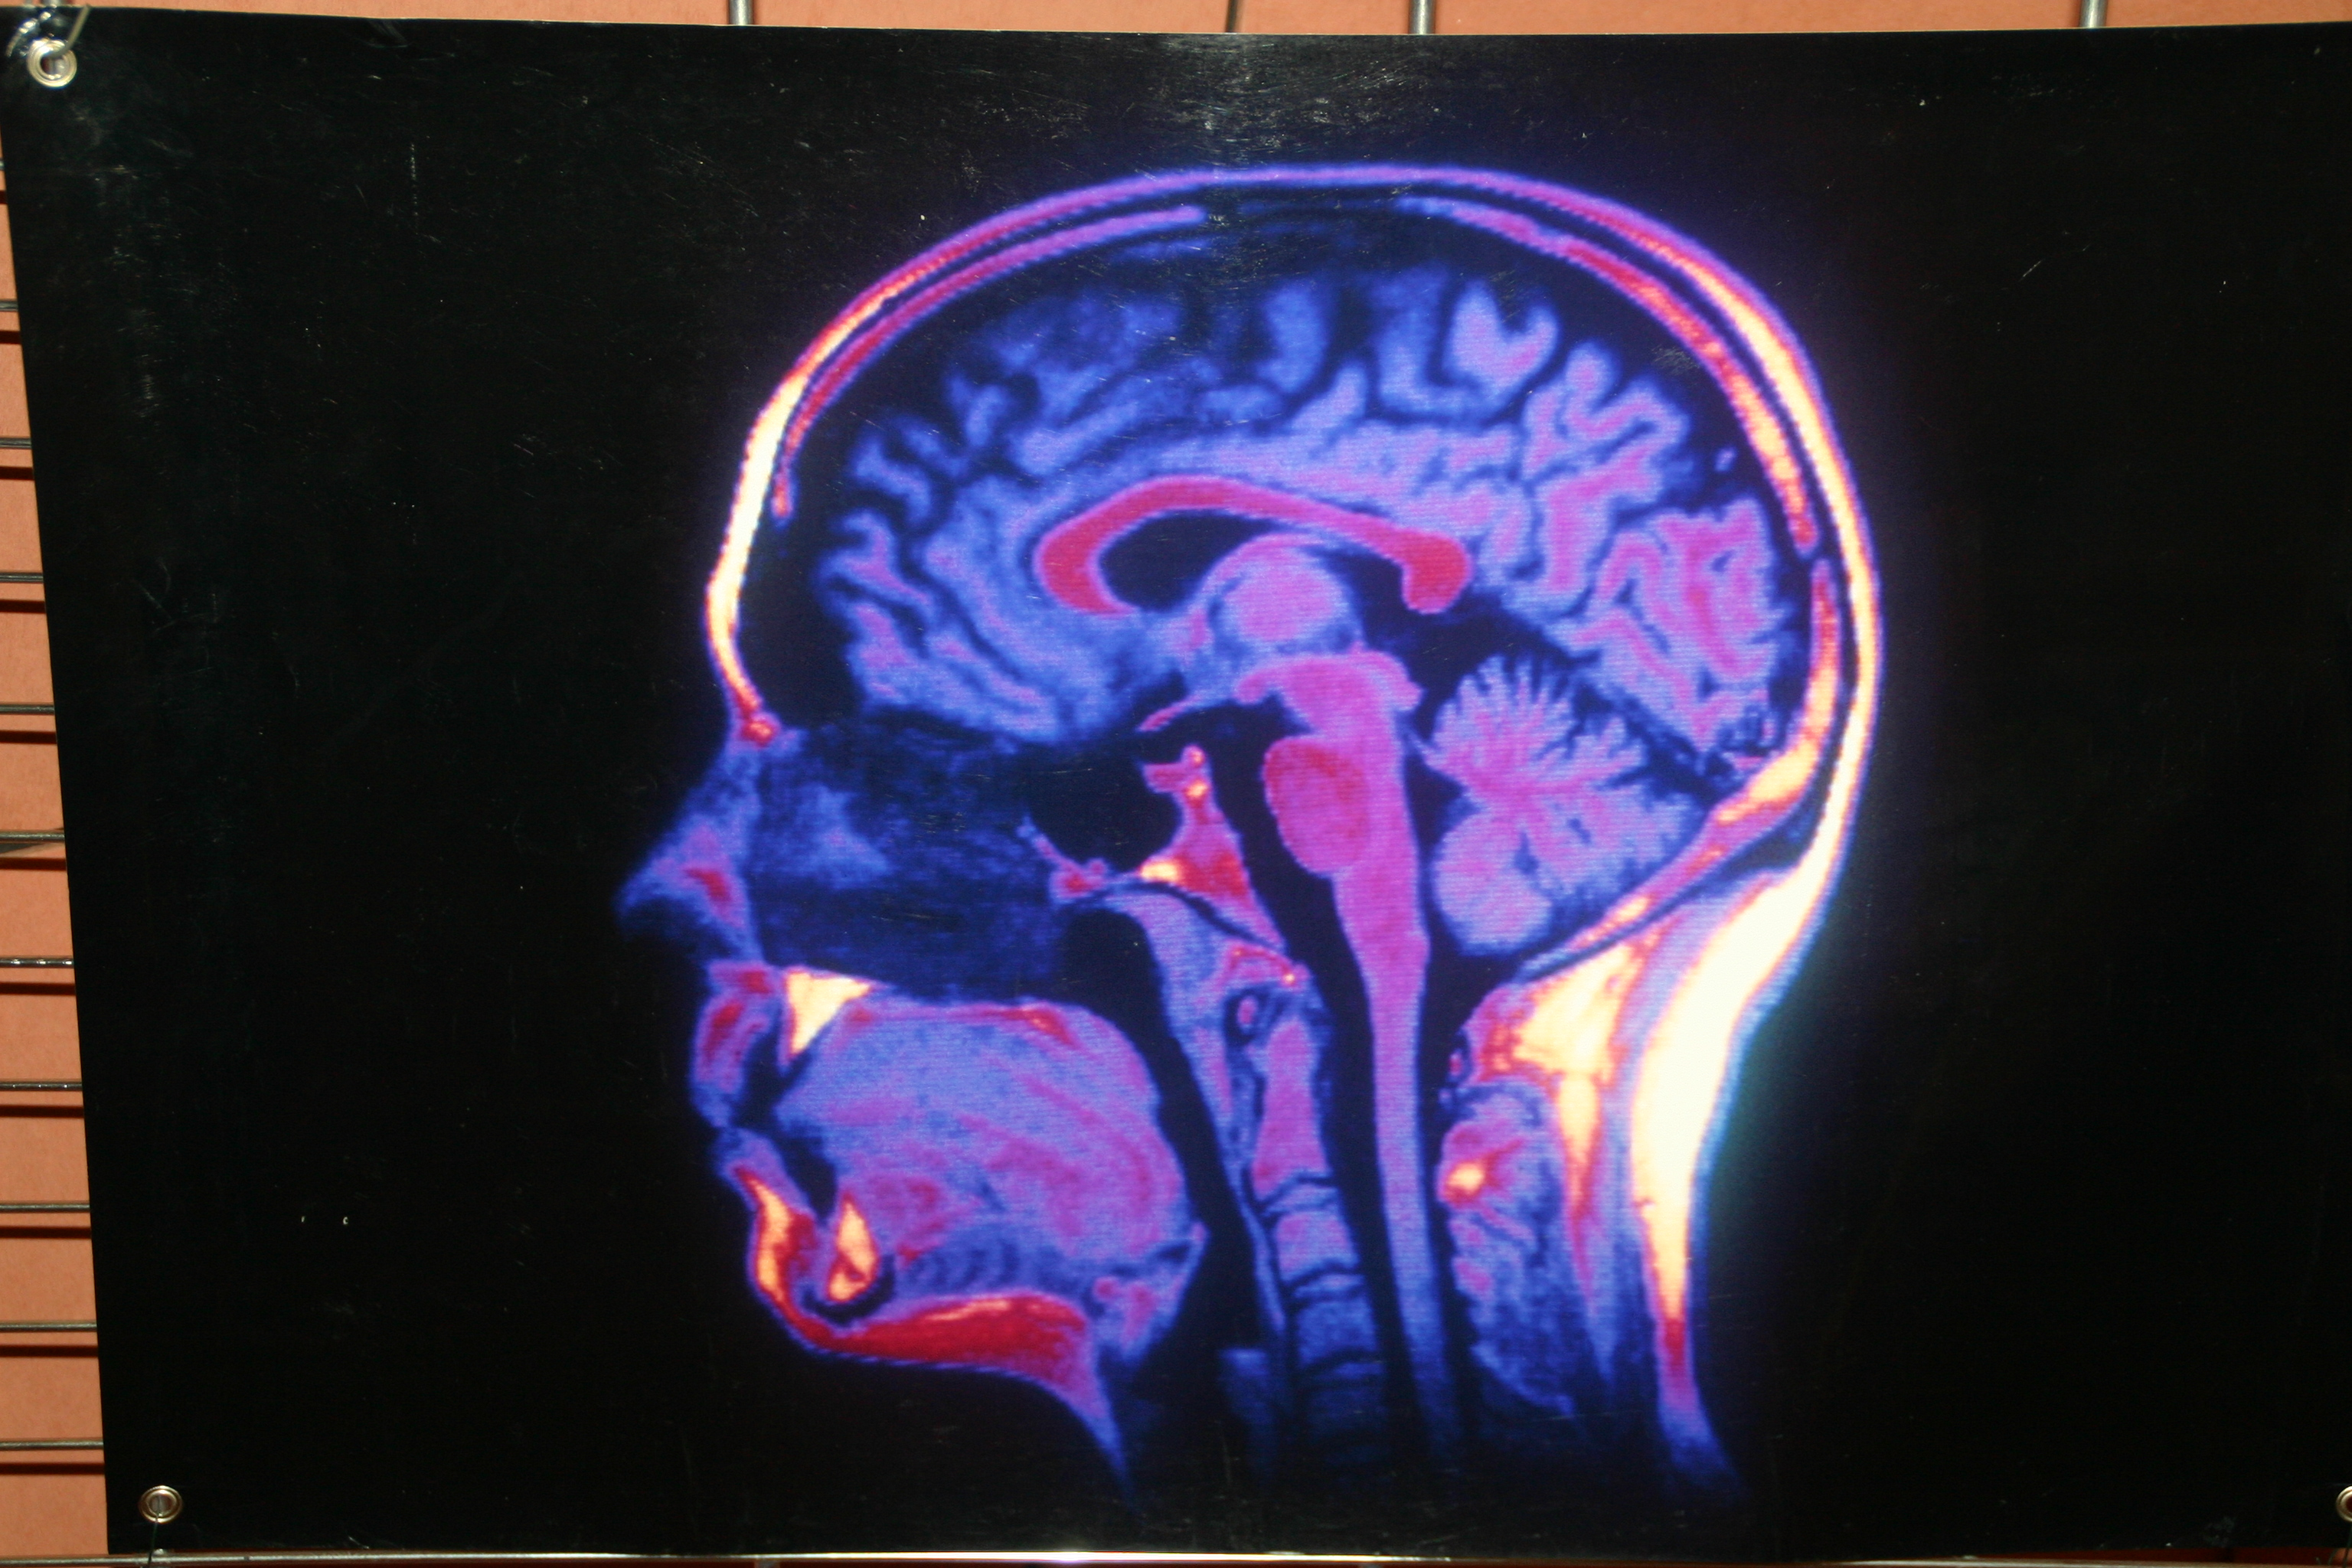 Tous les secrets du cerveau exposés en couleur à la bibliothèque universitaire de Gap